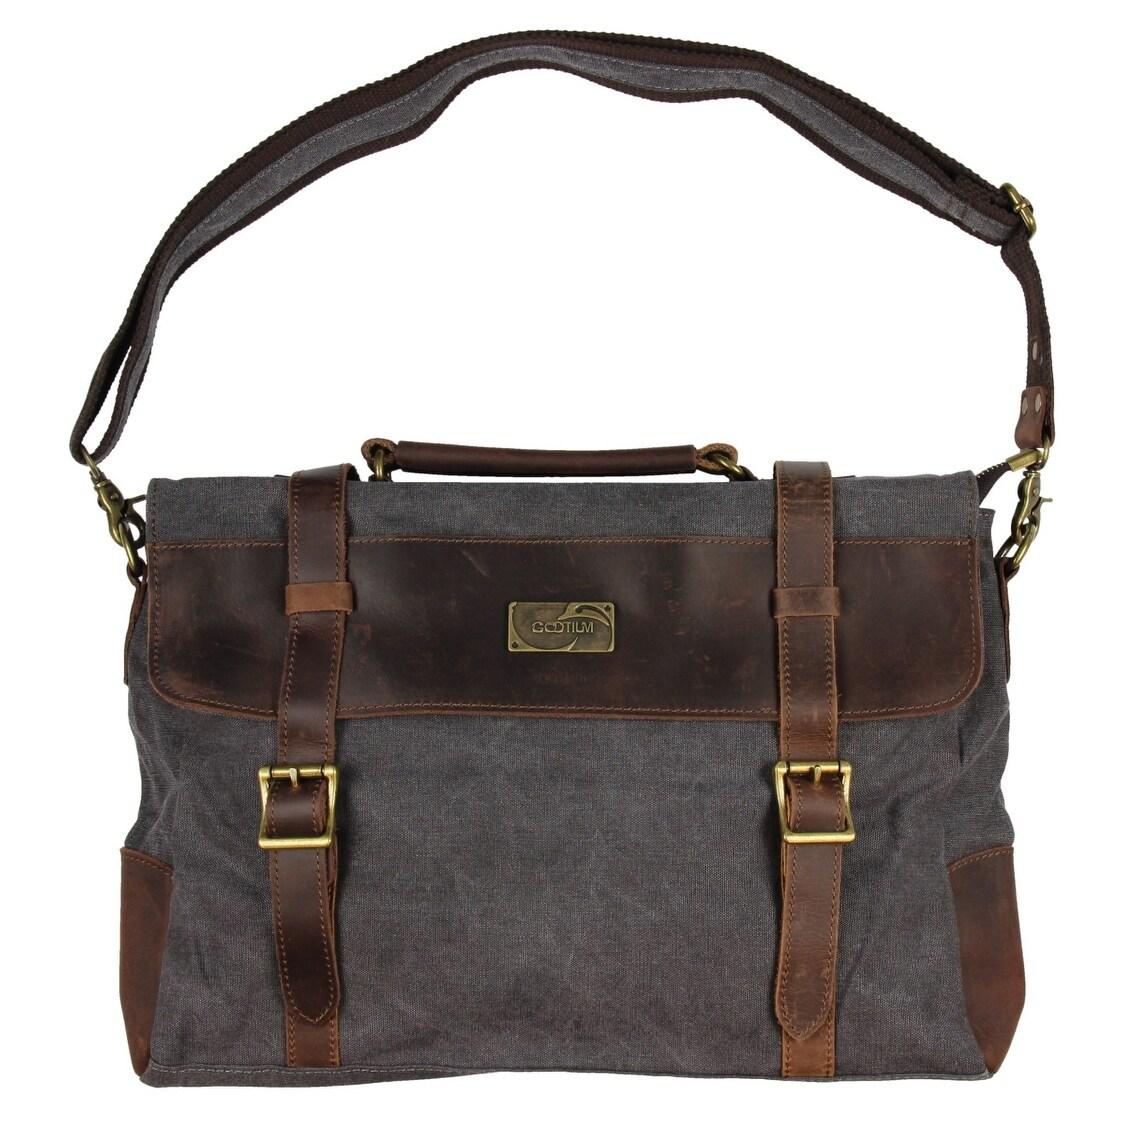 dbd825165 Gootium Canvas Leather Messenger Bag Vintage Shoulder Bag 14-Inch Laptop  Briefcase, Grey